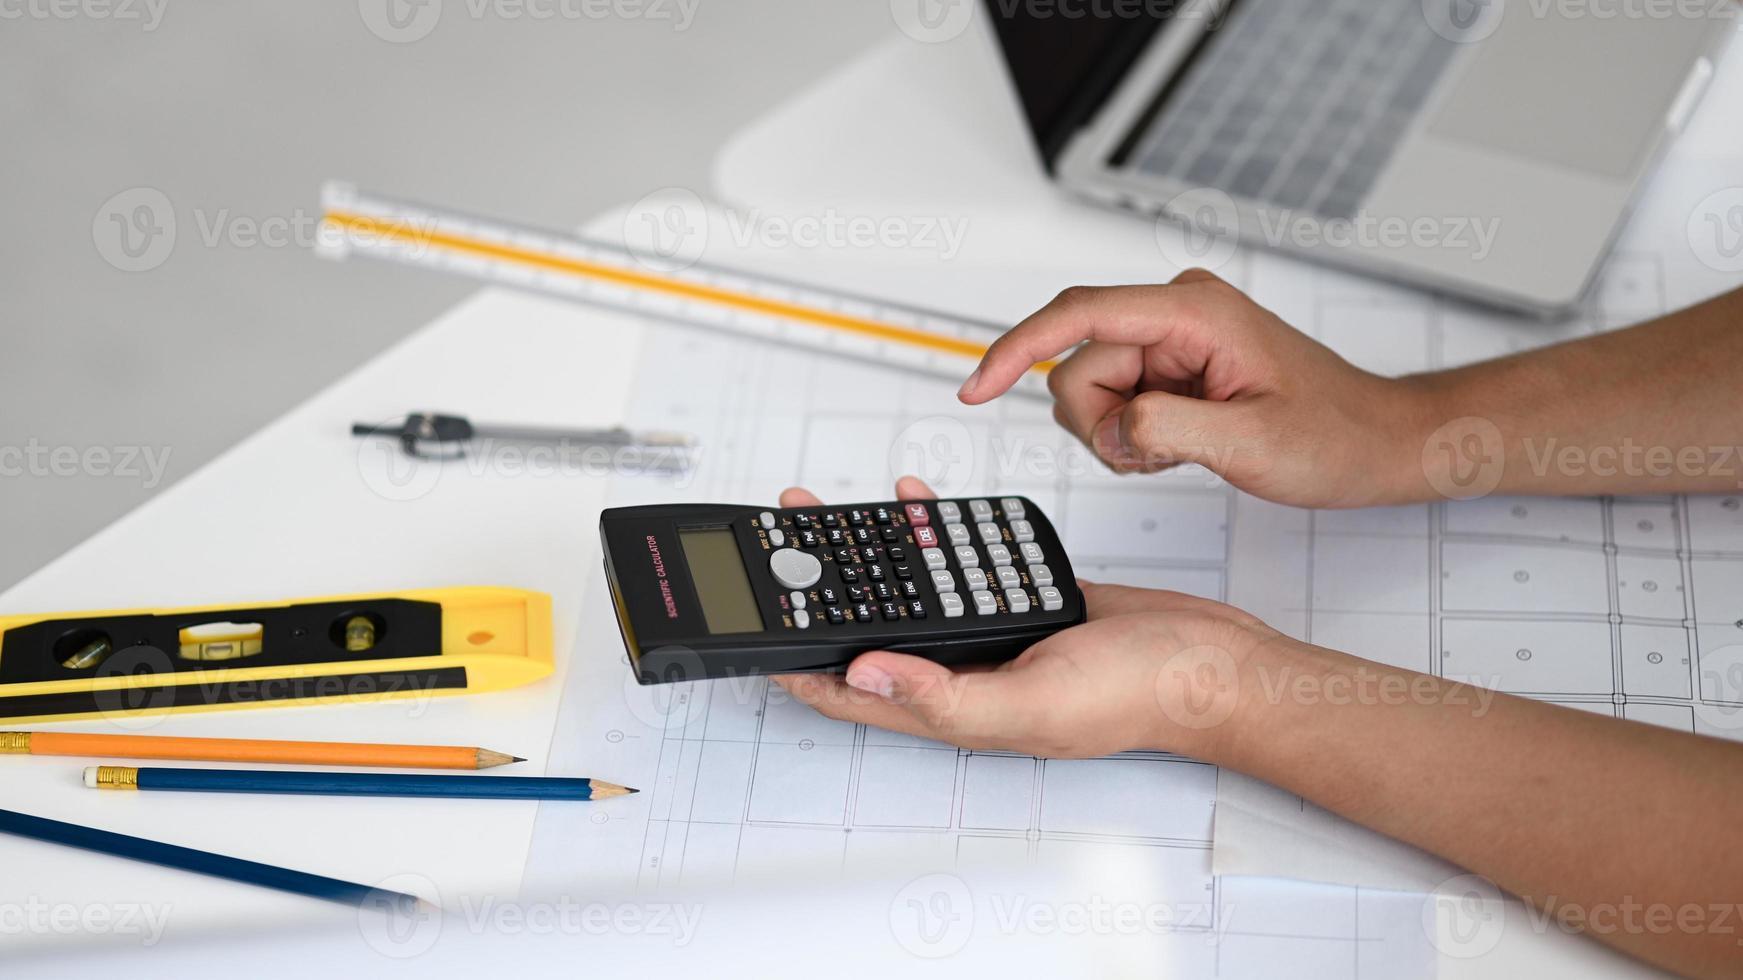 ingenjörer använder en miniräknare för att beräkna husplaner. foto